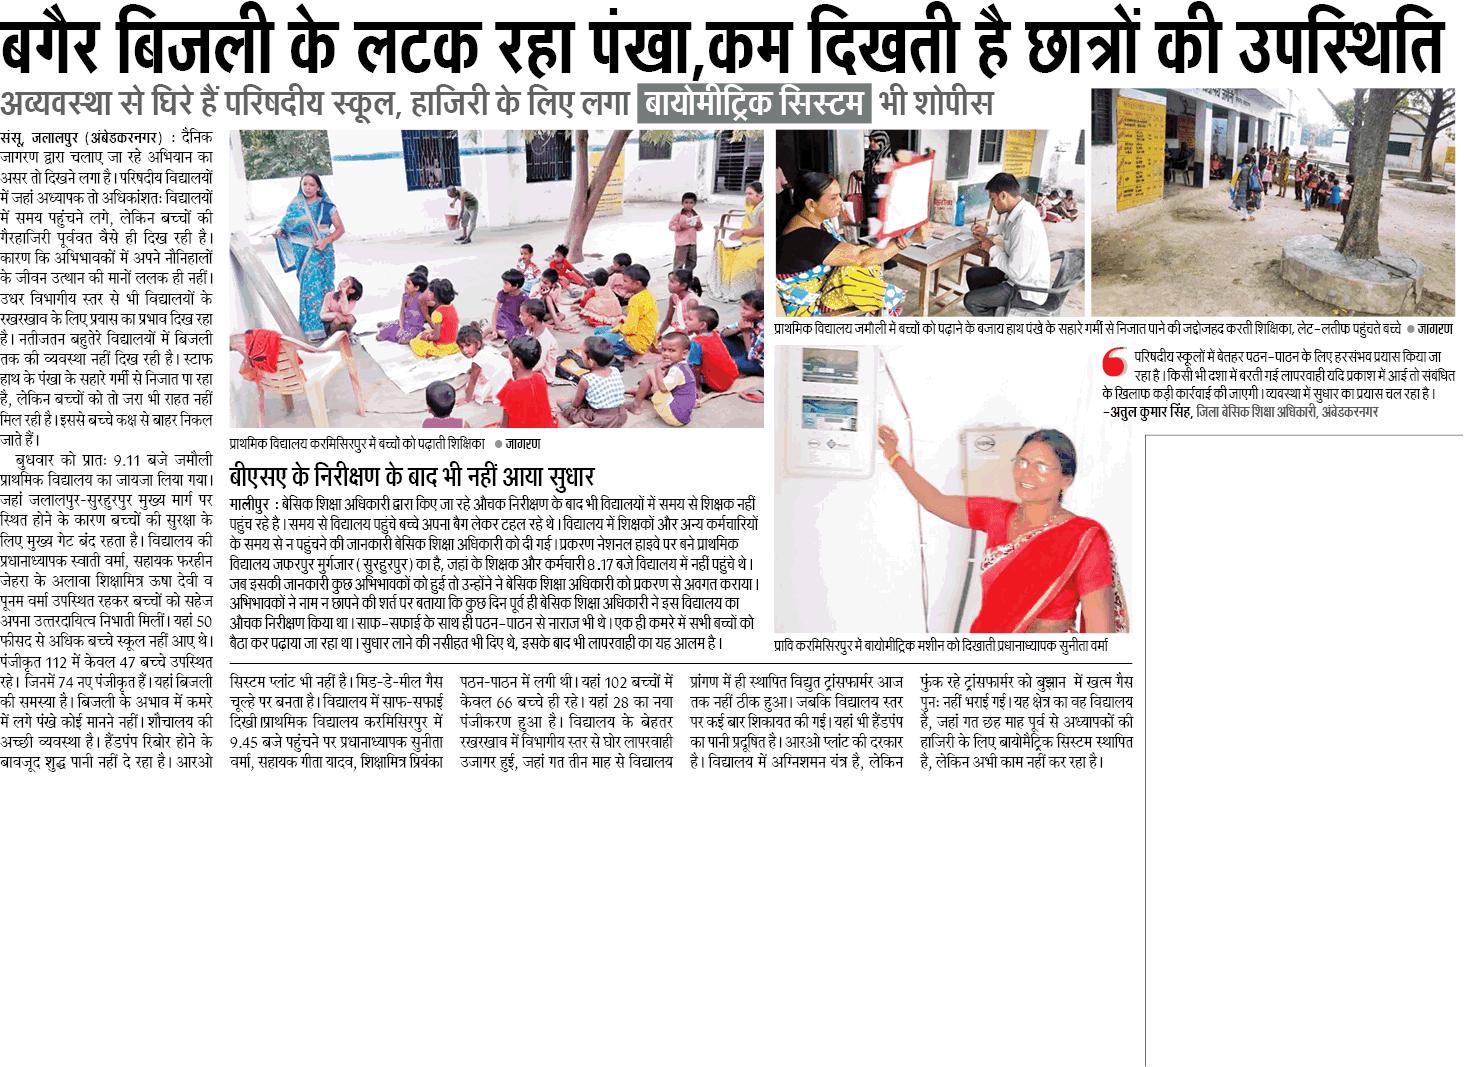 Basic Shiksha Latest News Avyvastha se ghire Parishadiy School